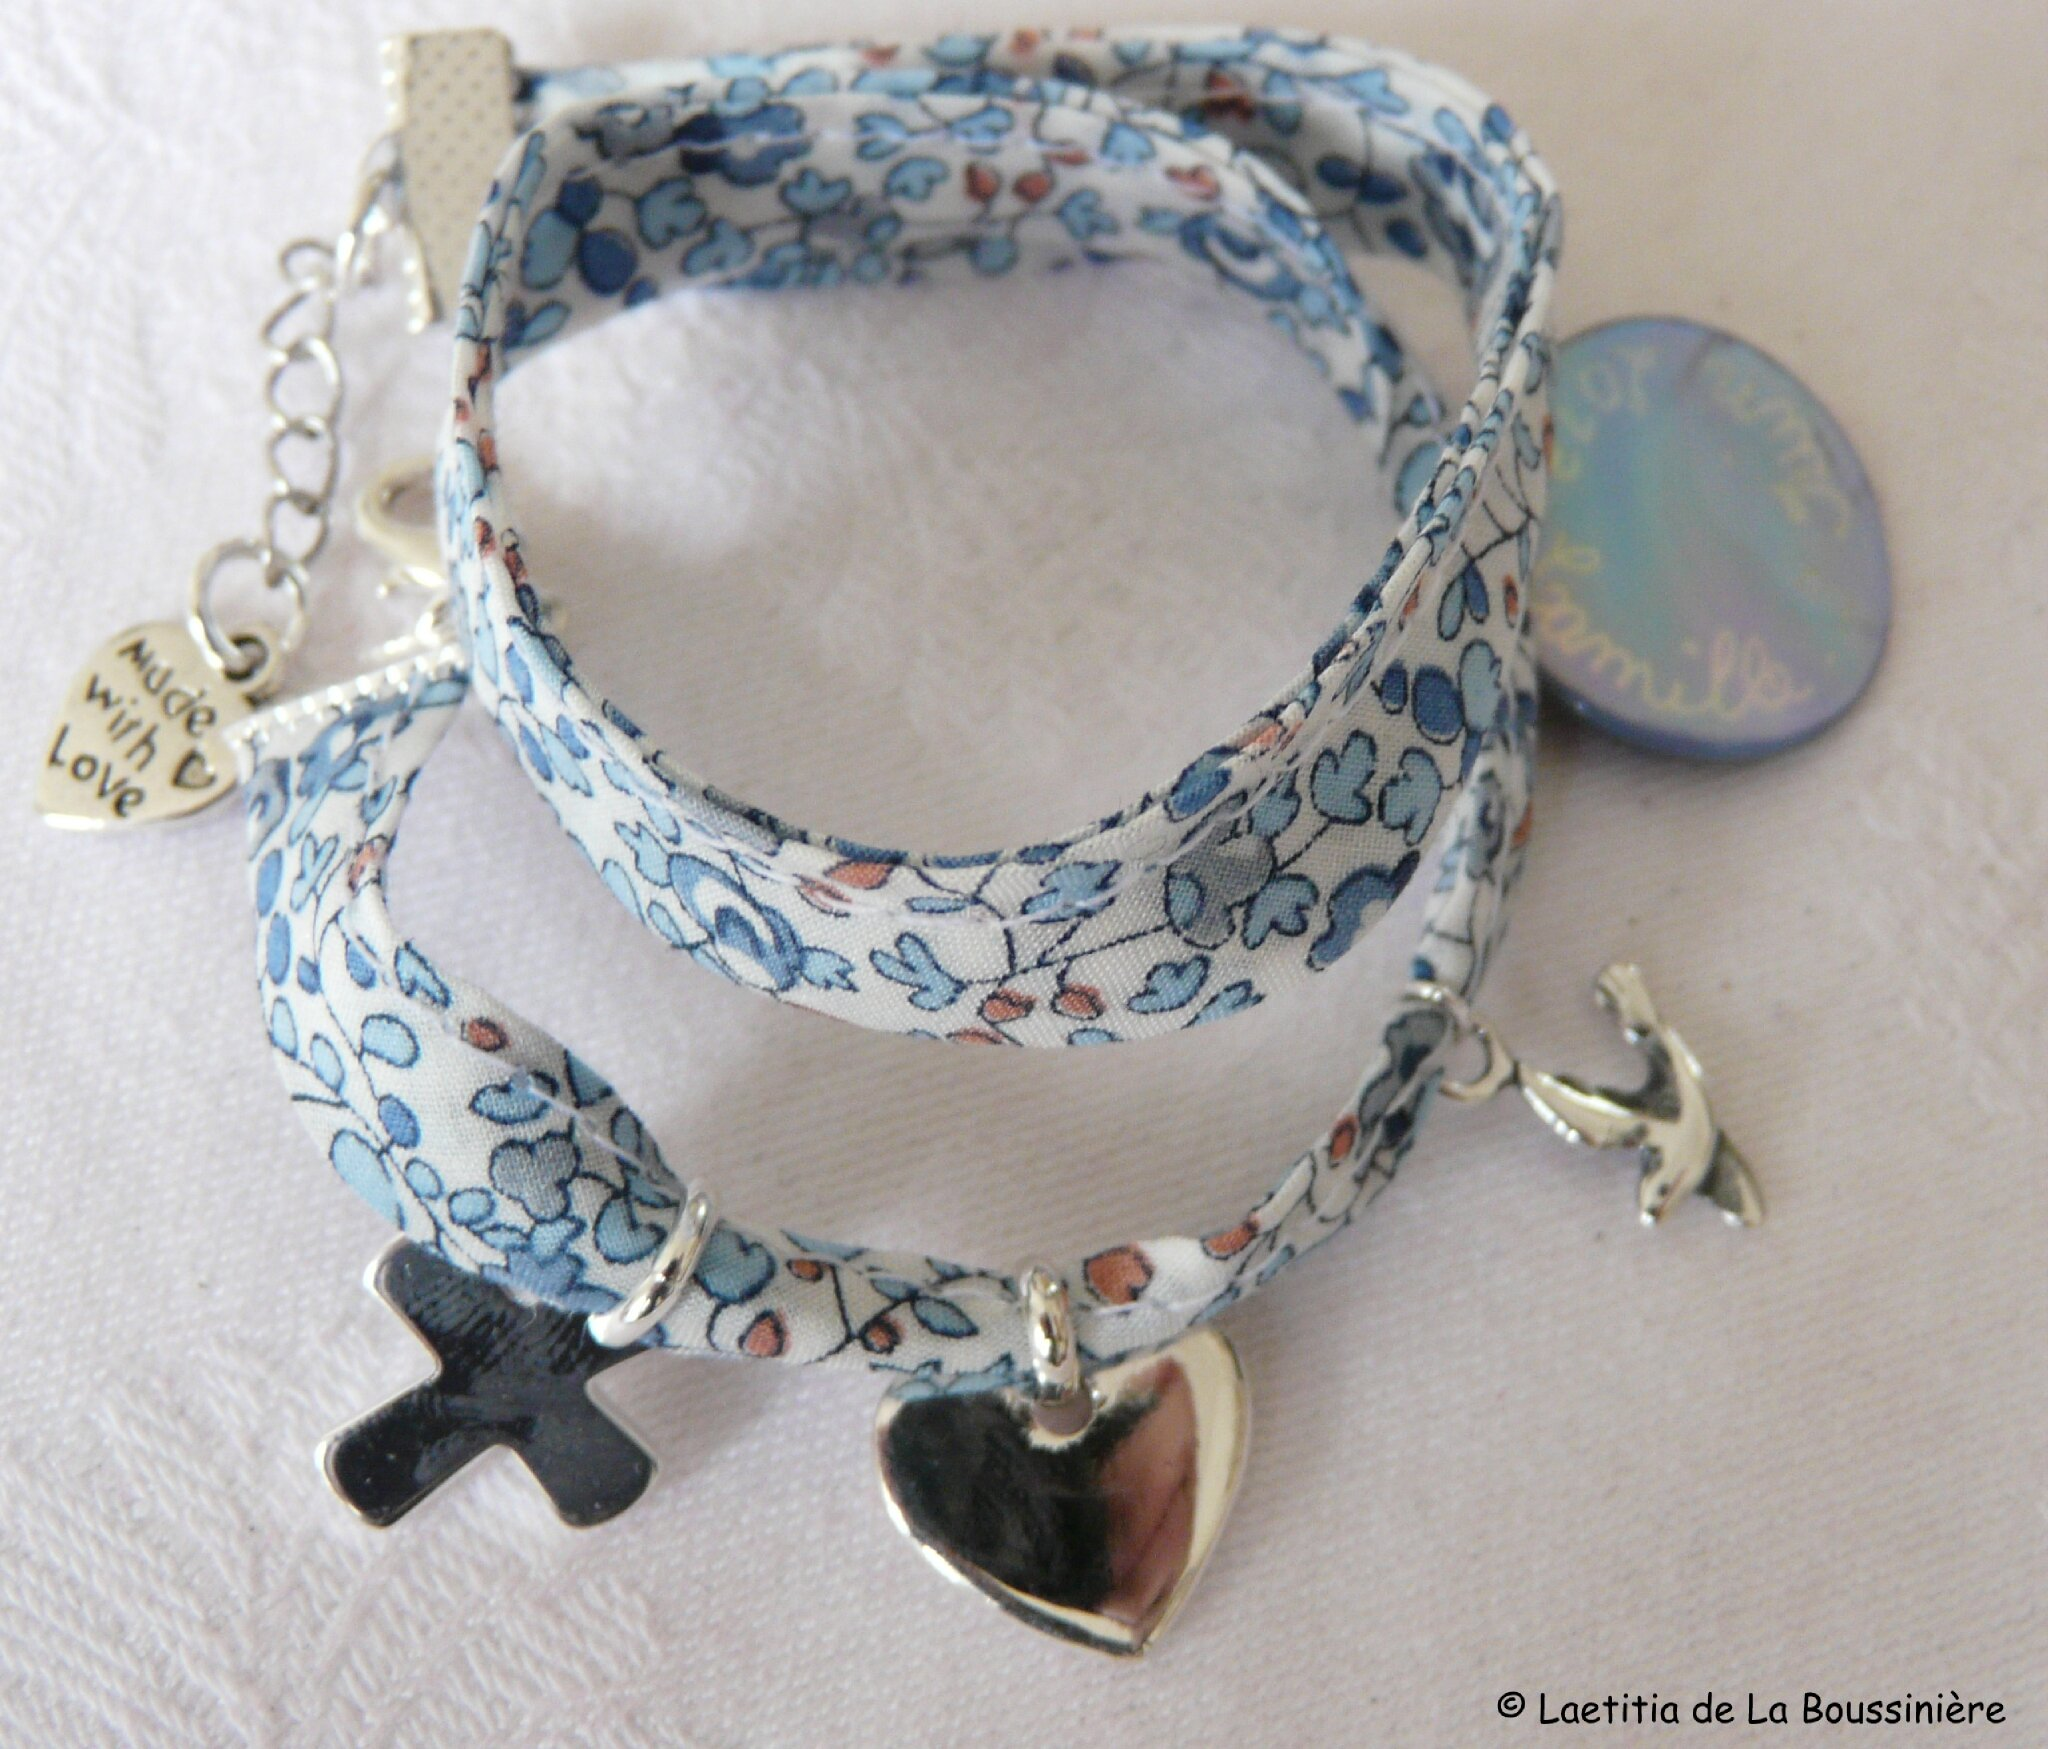 Bracelet double tour, Trinité en argent et médaille gravée